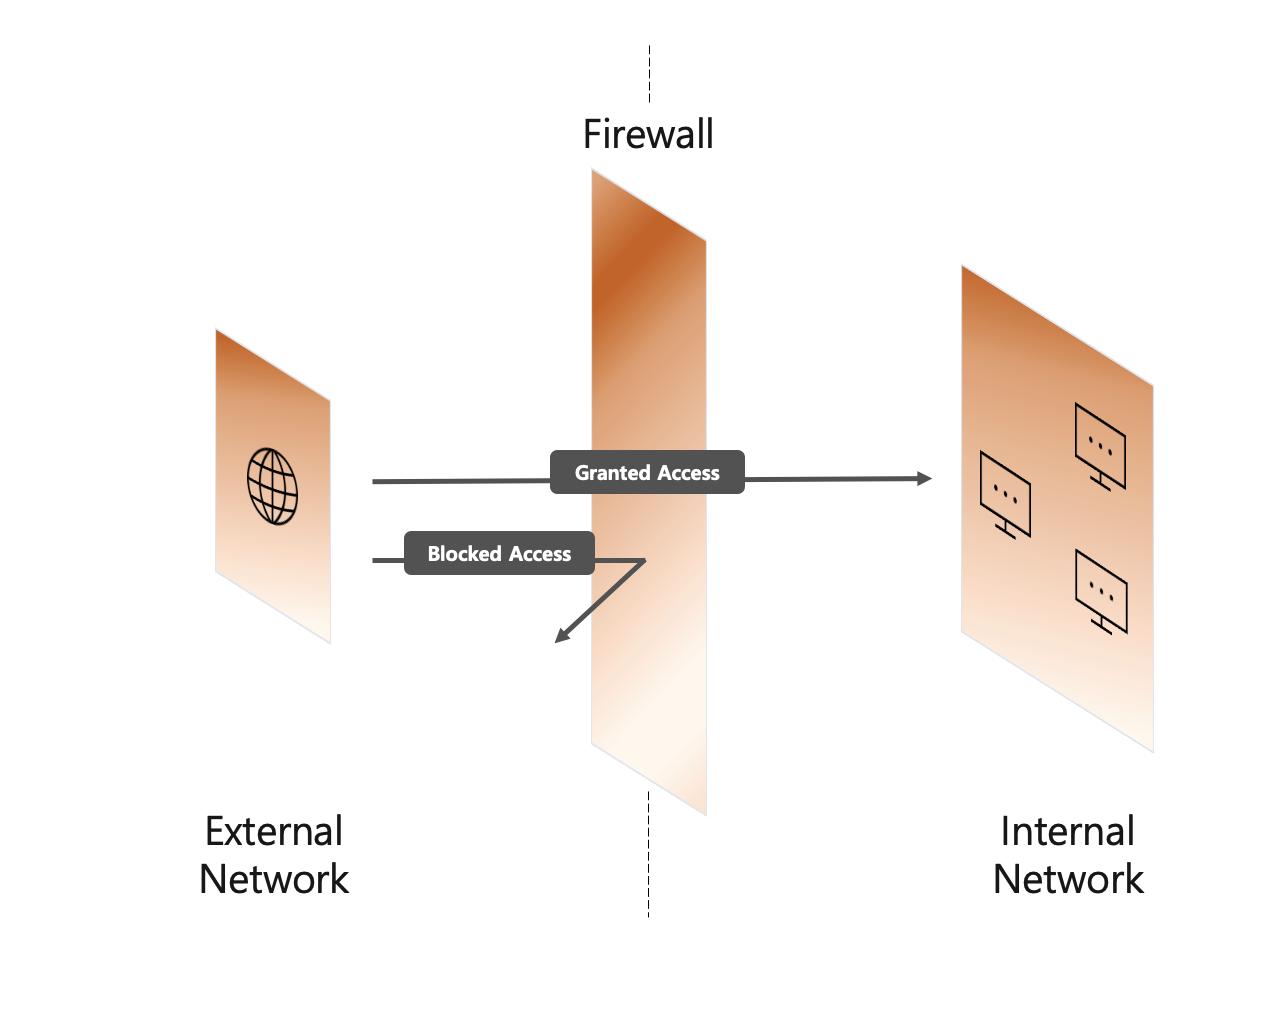 firewall image 1